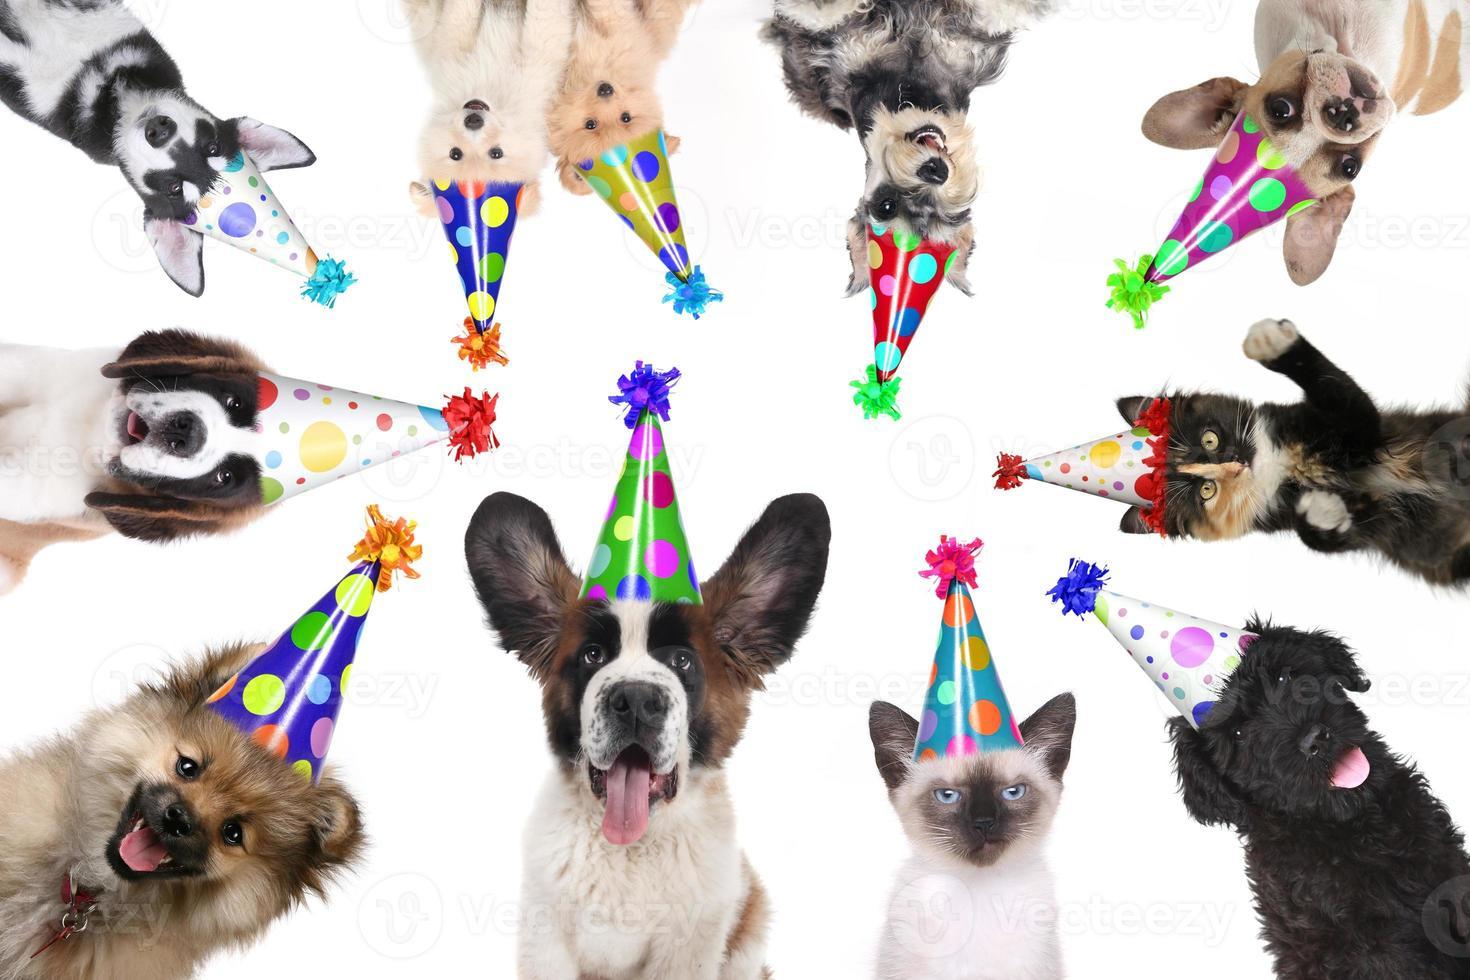 animaux de compagnie isolés portant des chapeaux d'anniversaire pour une fête photo